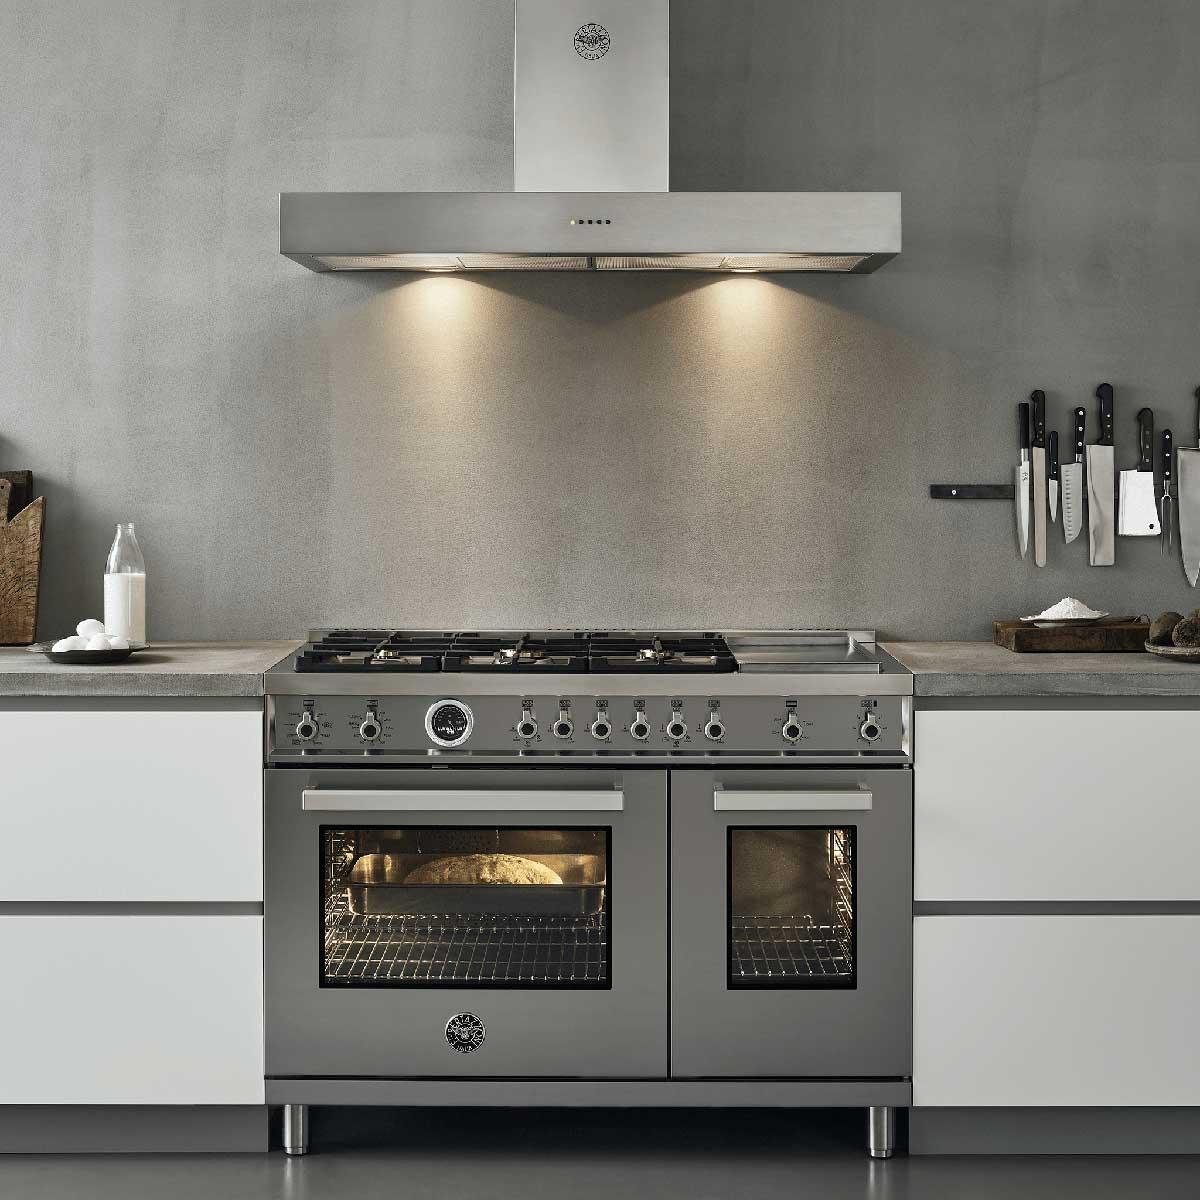 دانلود فمیلی رویت تجهیزات آشپزخانه